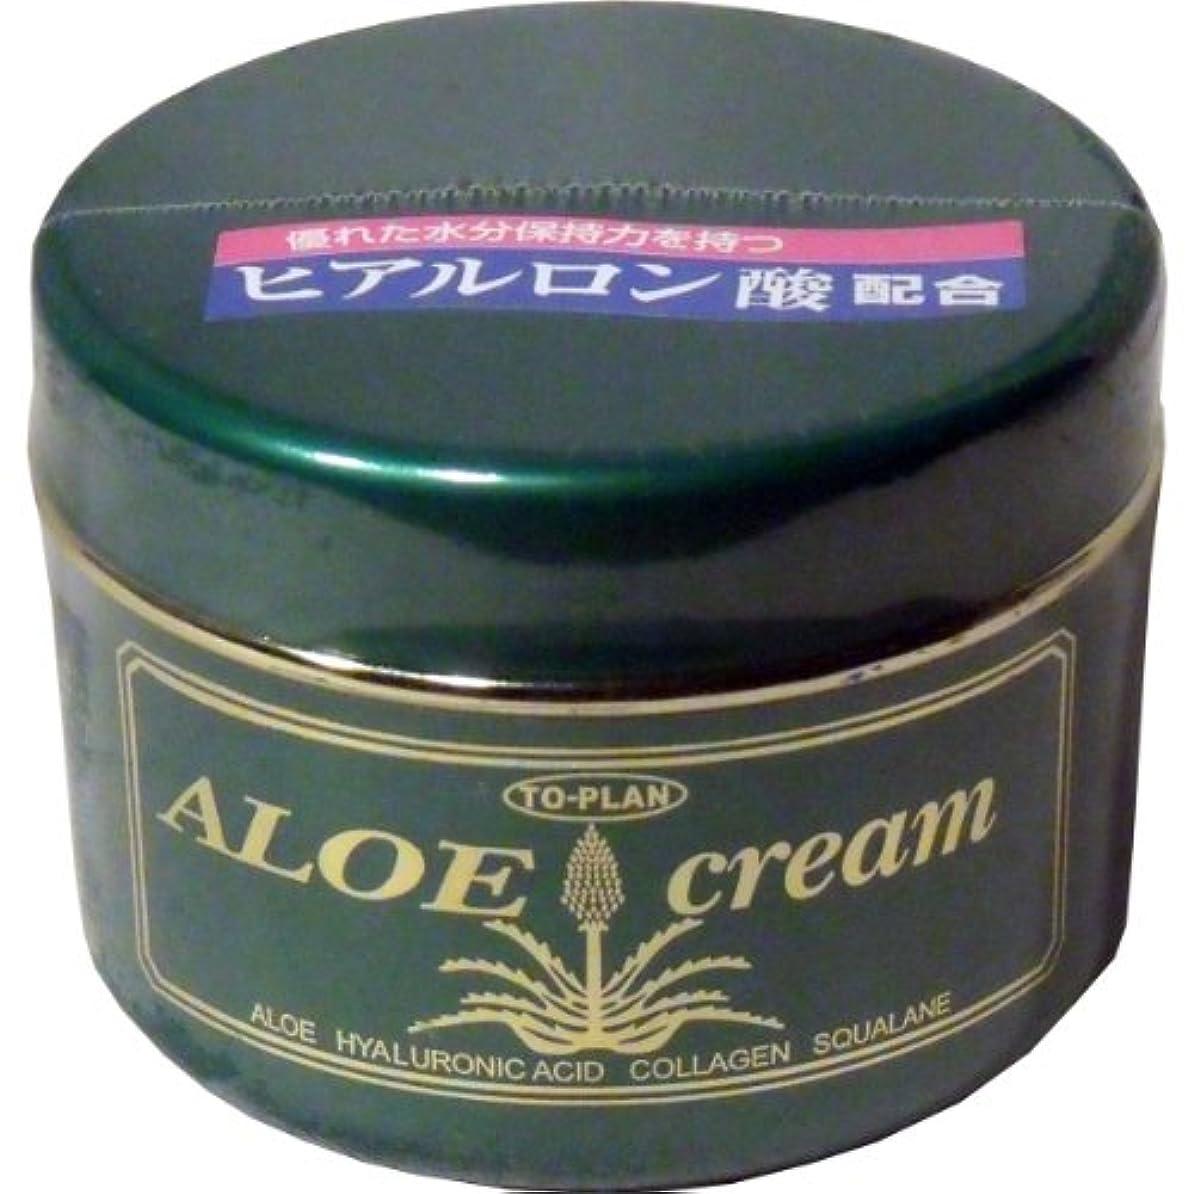 祭司松の木民兵トプラン ハーブフレッシュクリーム(アロエクリーム) ヒアルロン酸 170g ×3個セット